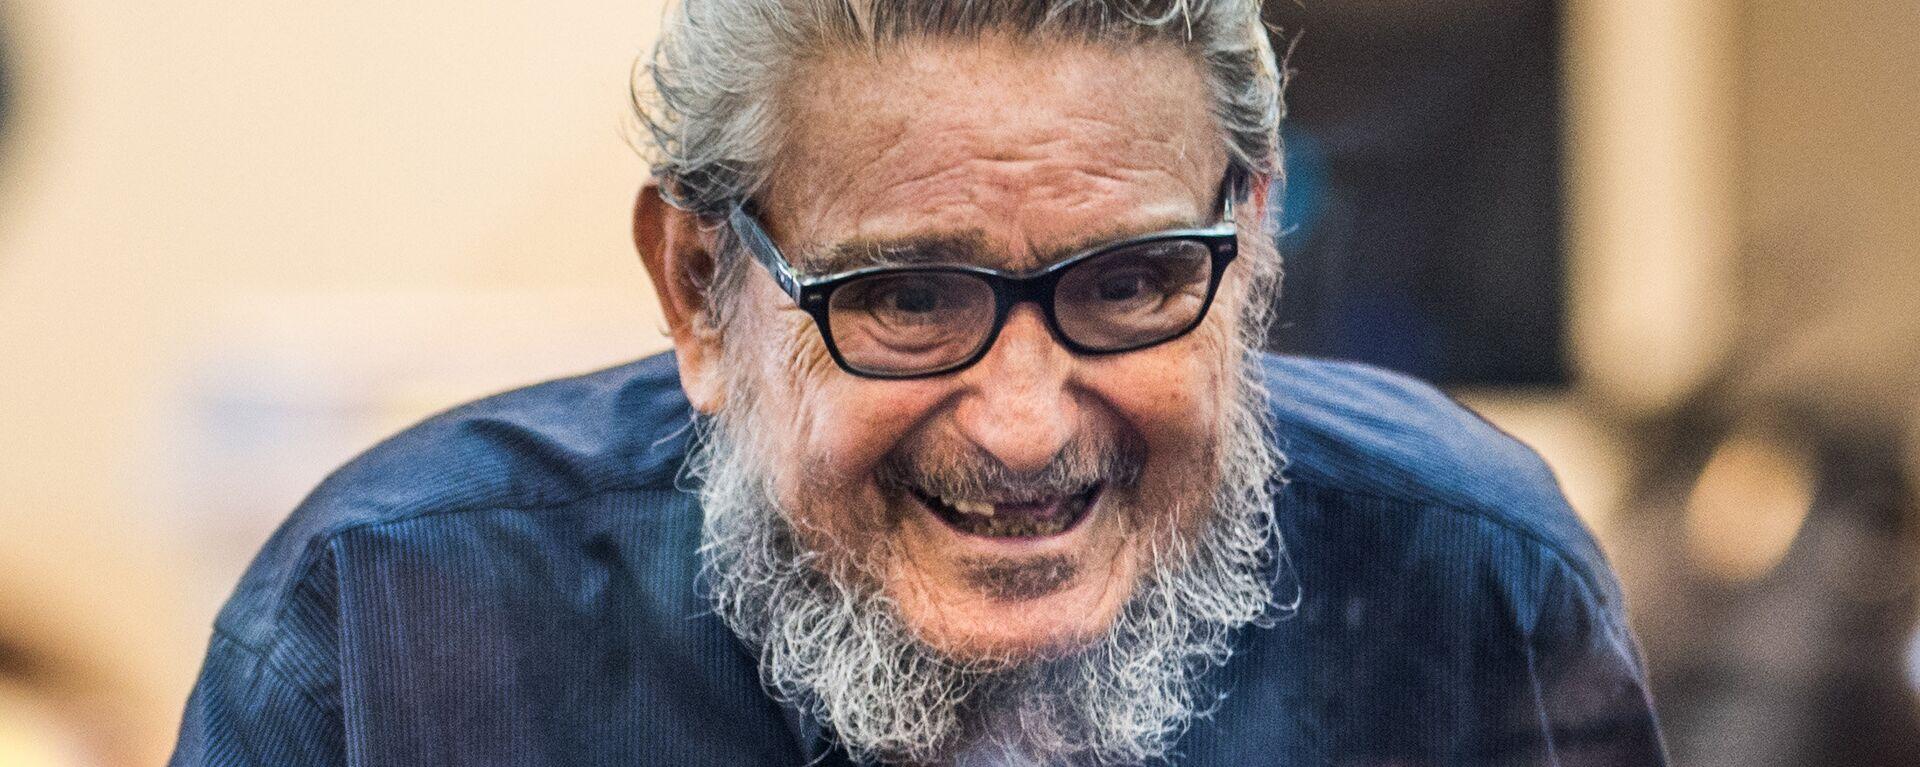 Abimael Guzmán, líder del grupo armado Sendero Luminoso de Perú (archivo) - Sputnik Mundo, 1920, 11.09.2021